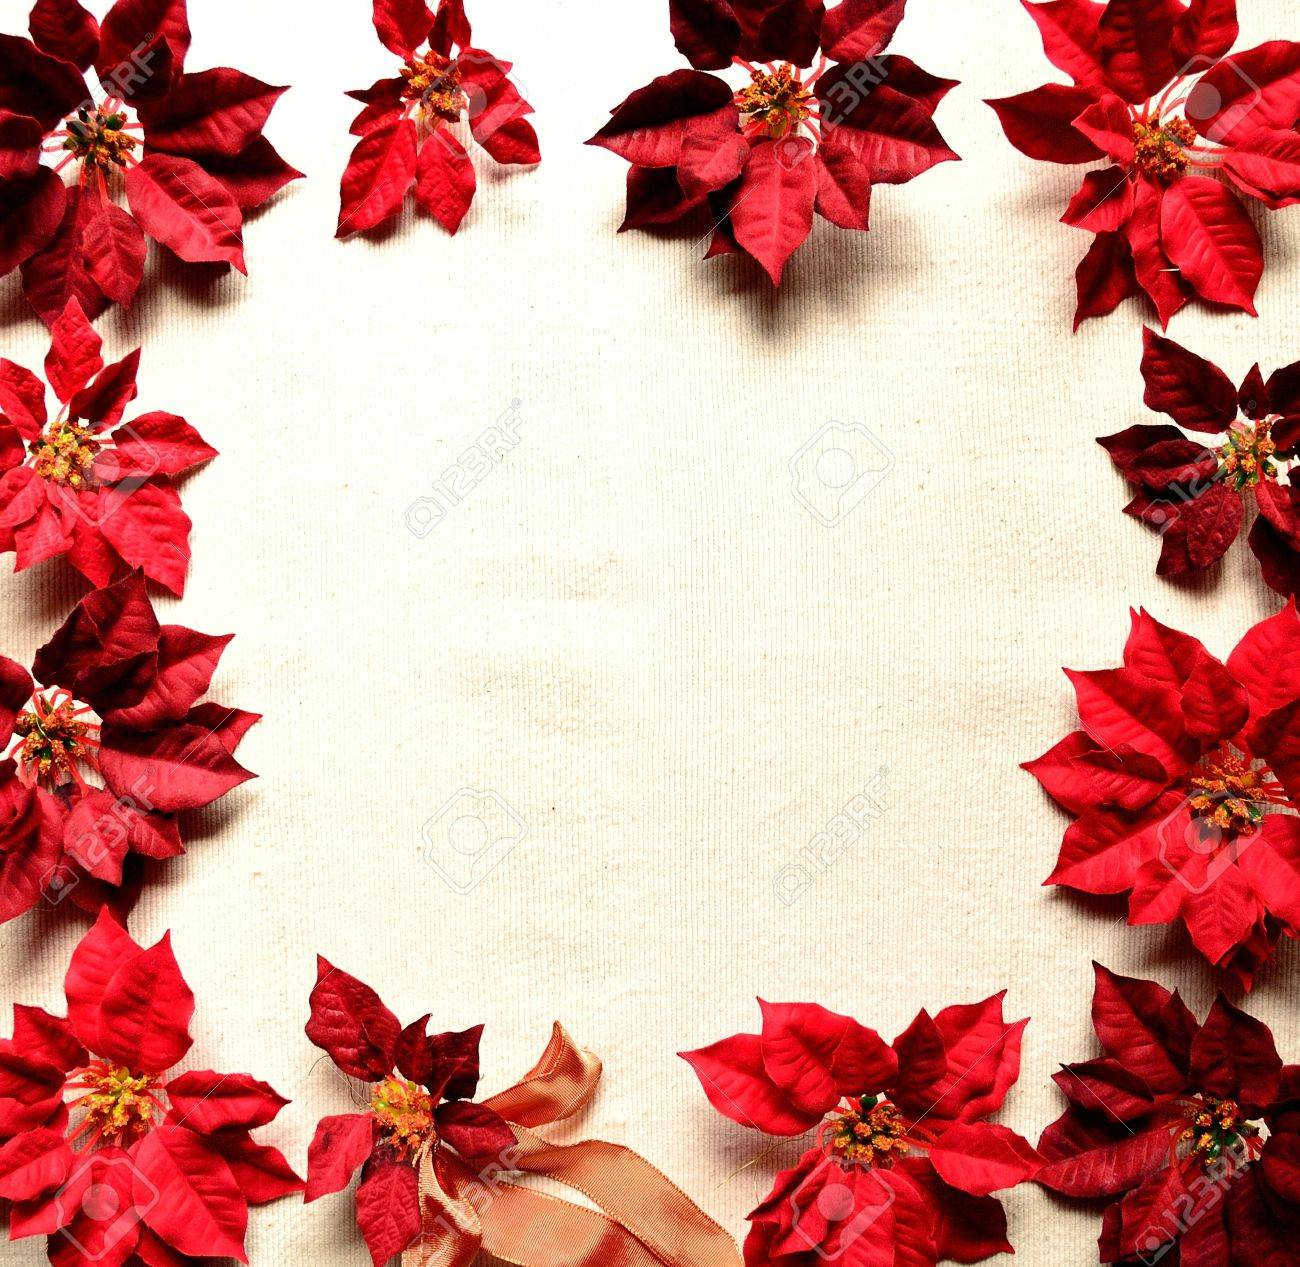 クリスマス ポインセチア赤フレーム ロイヤリティーフリーフォト